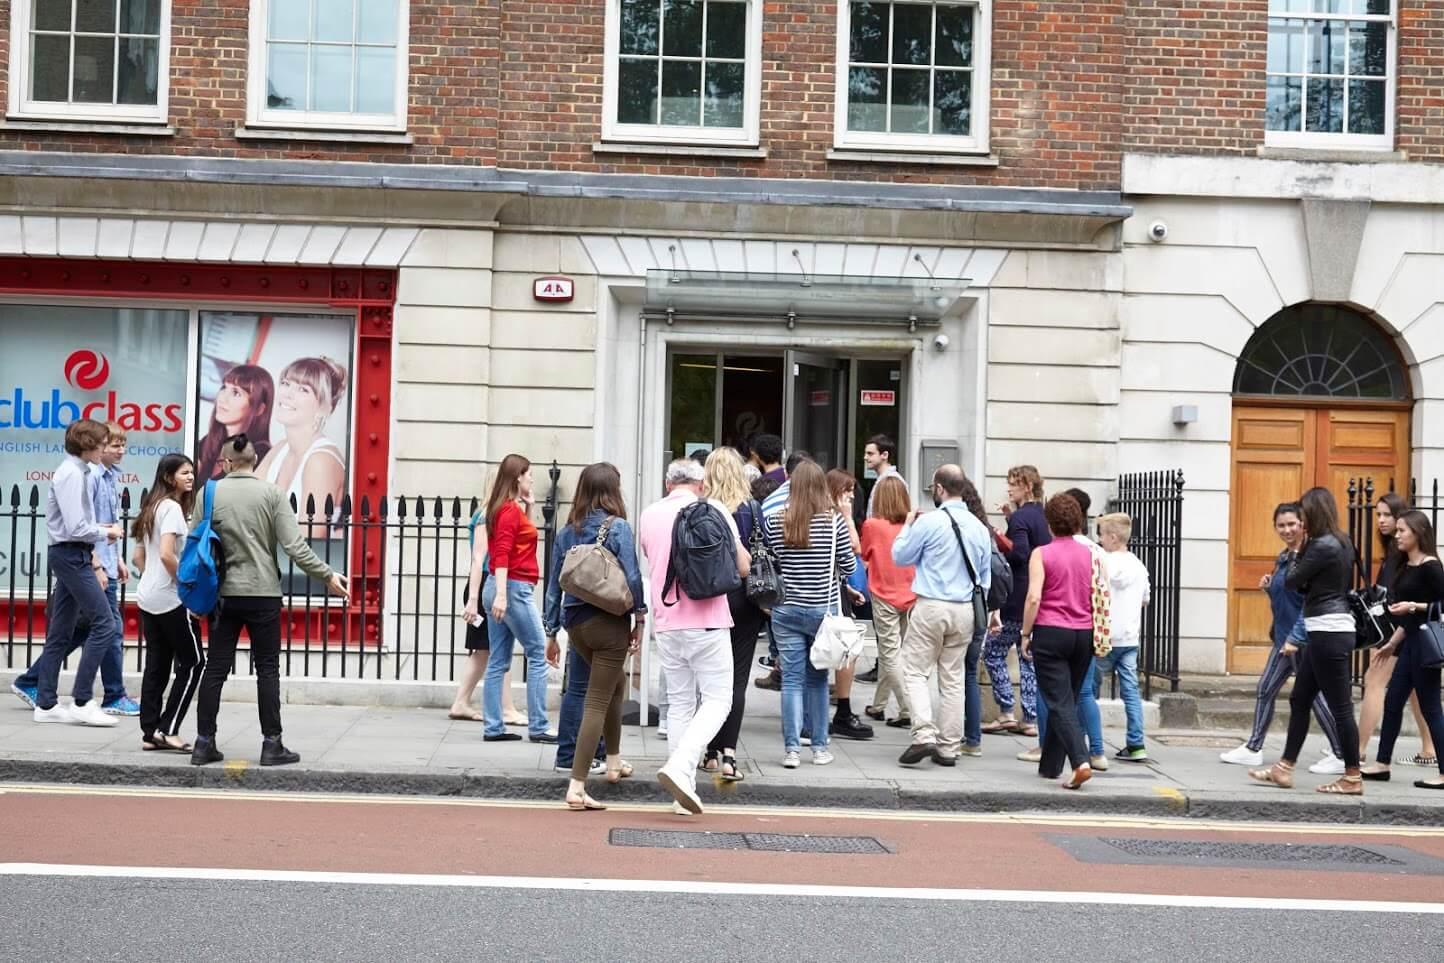 Кампус языковой школы Клубклас в Лондоне msmstudy